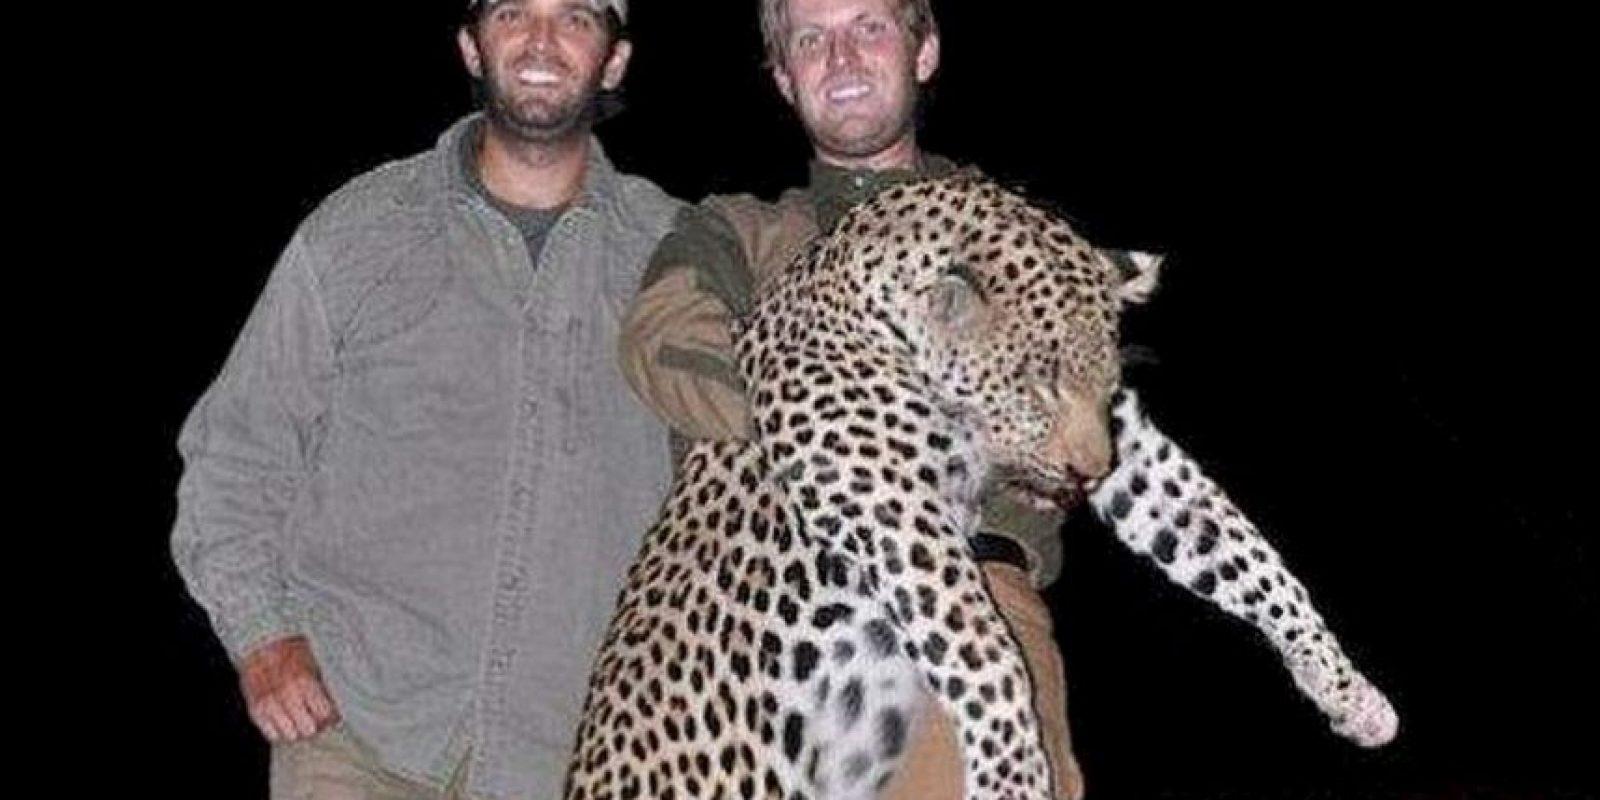 Los hijos de Donald Trump, Eric y Donald Trump, fueron criticados por publicar imágenes donde se encuentran de caza Foto:Tumbrl